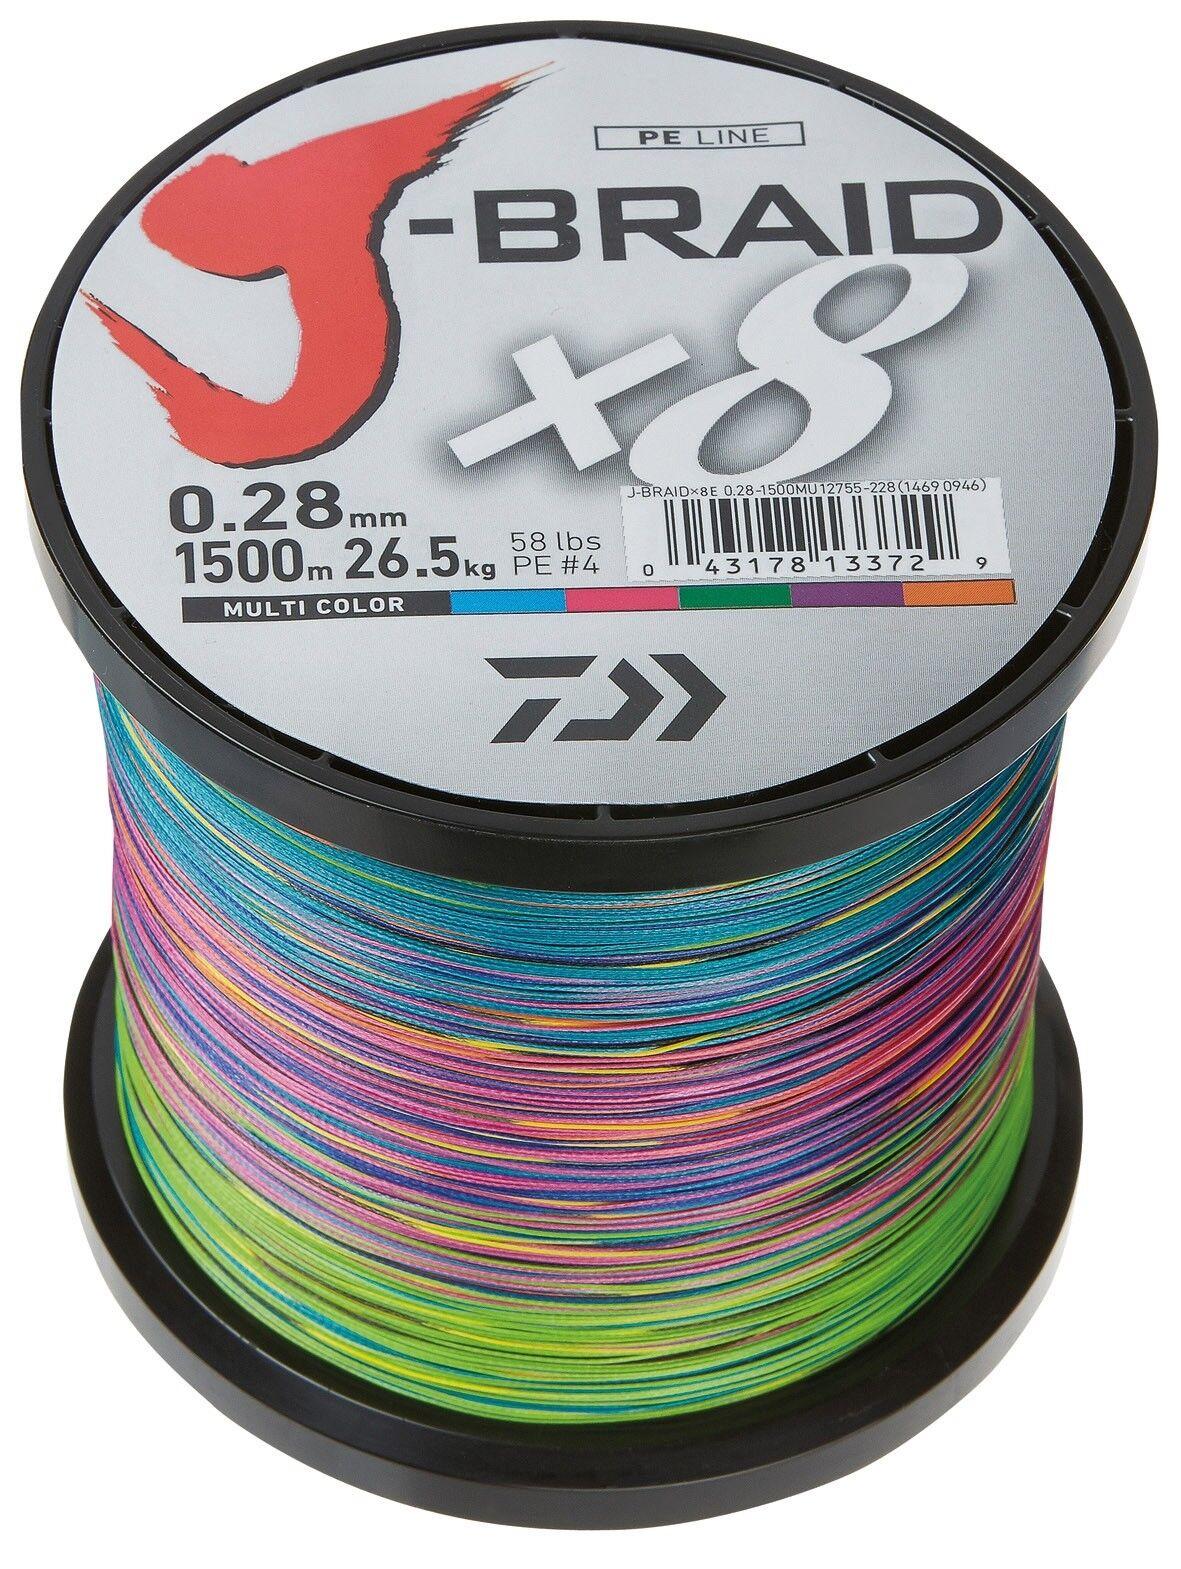 1500m Großspule geflochtene Schnur dunkelgrün Daiwa J-BRAID x8 0,16mm